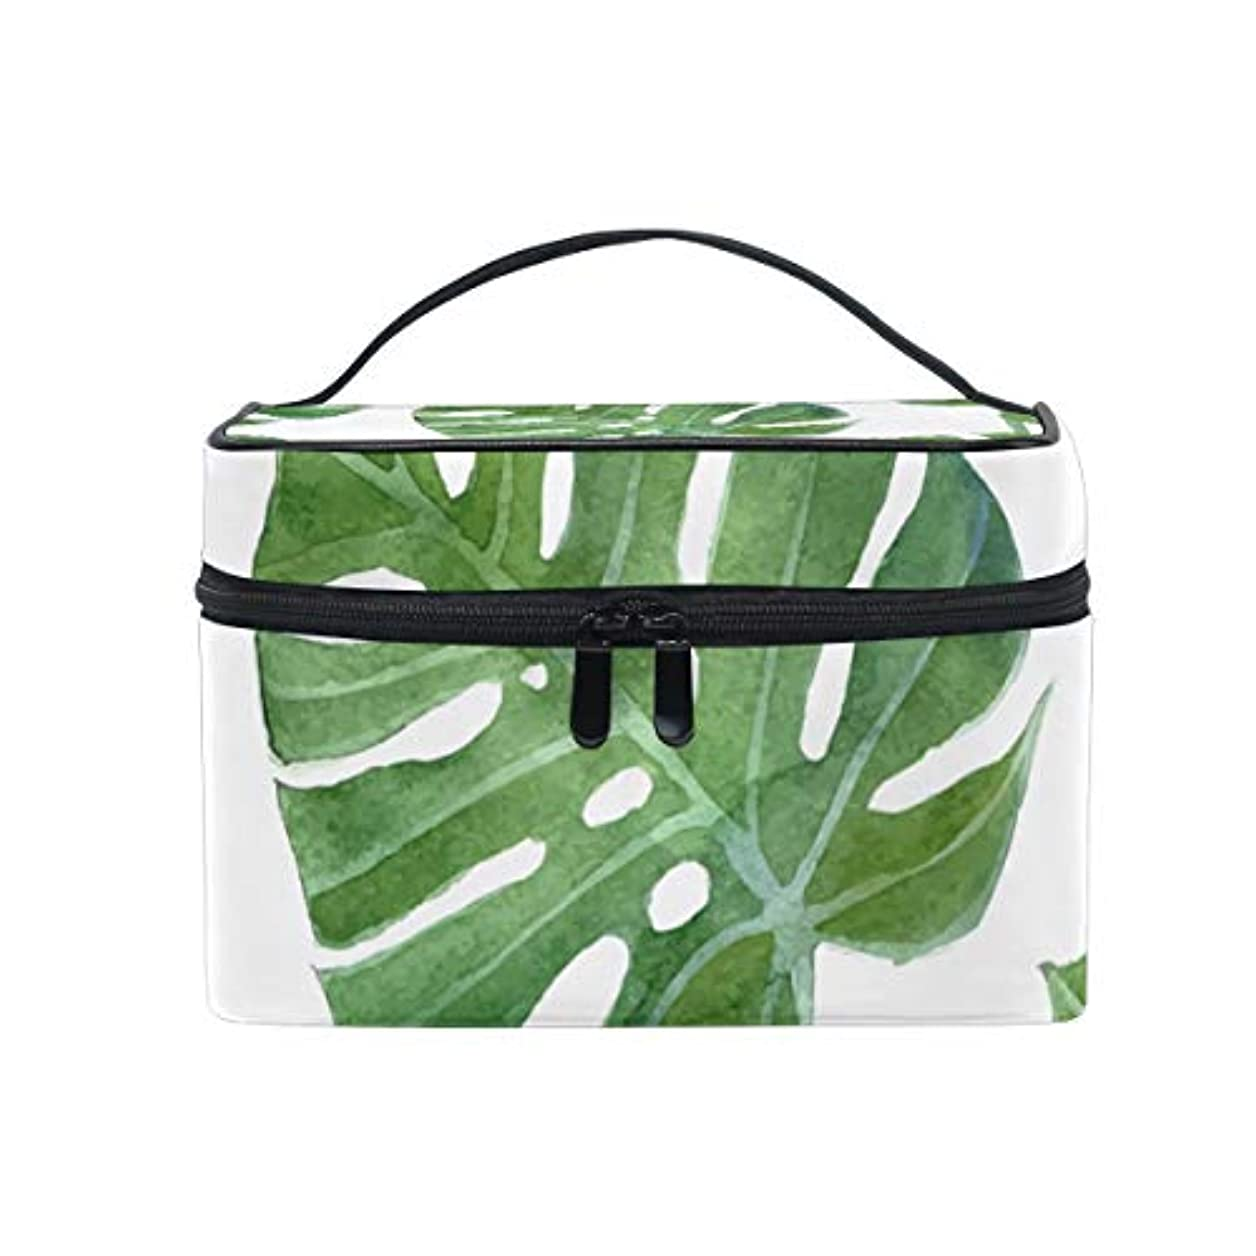 証言あざ下に向けますユキオ(UKIO) メイクポーチ 大容量 シンプル かわいい 持ち運び 旅行 化粧ポーチ コスメバッグ 化粧品 ハワイ 葉 緑 レディース 収納ケース ポーチ 収納ボックス 化粧箱 メイクバッグ